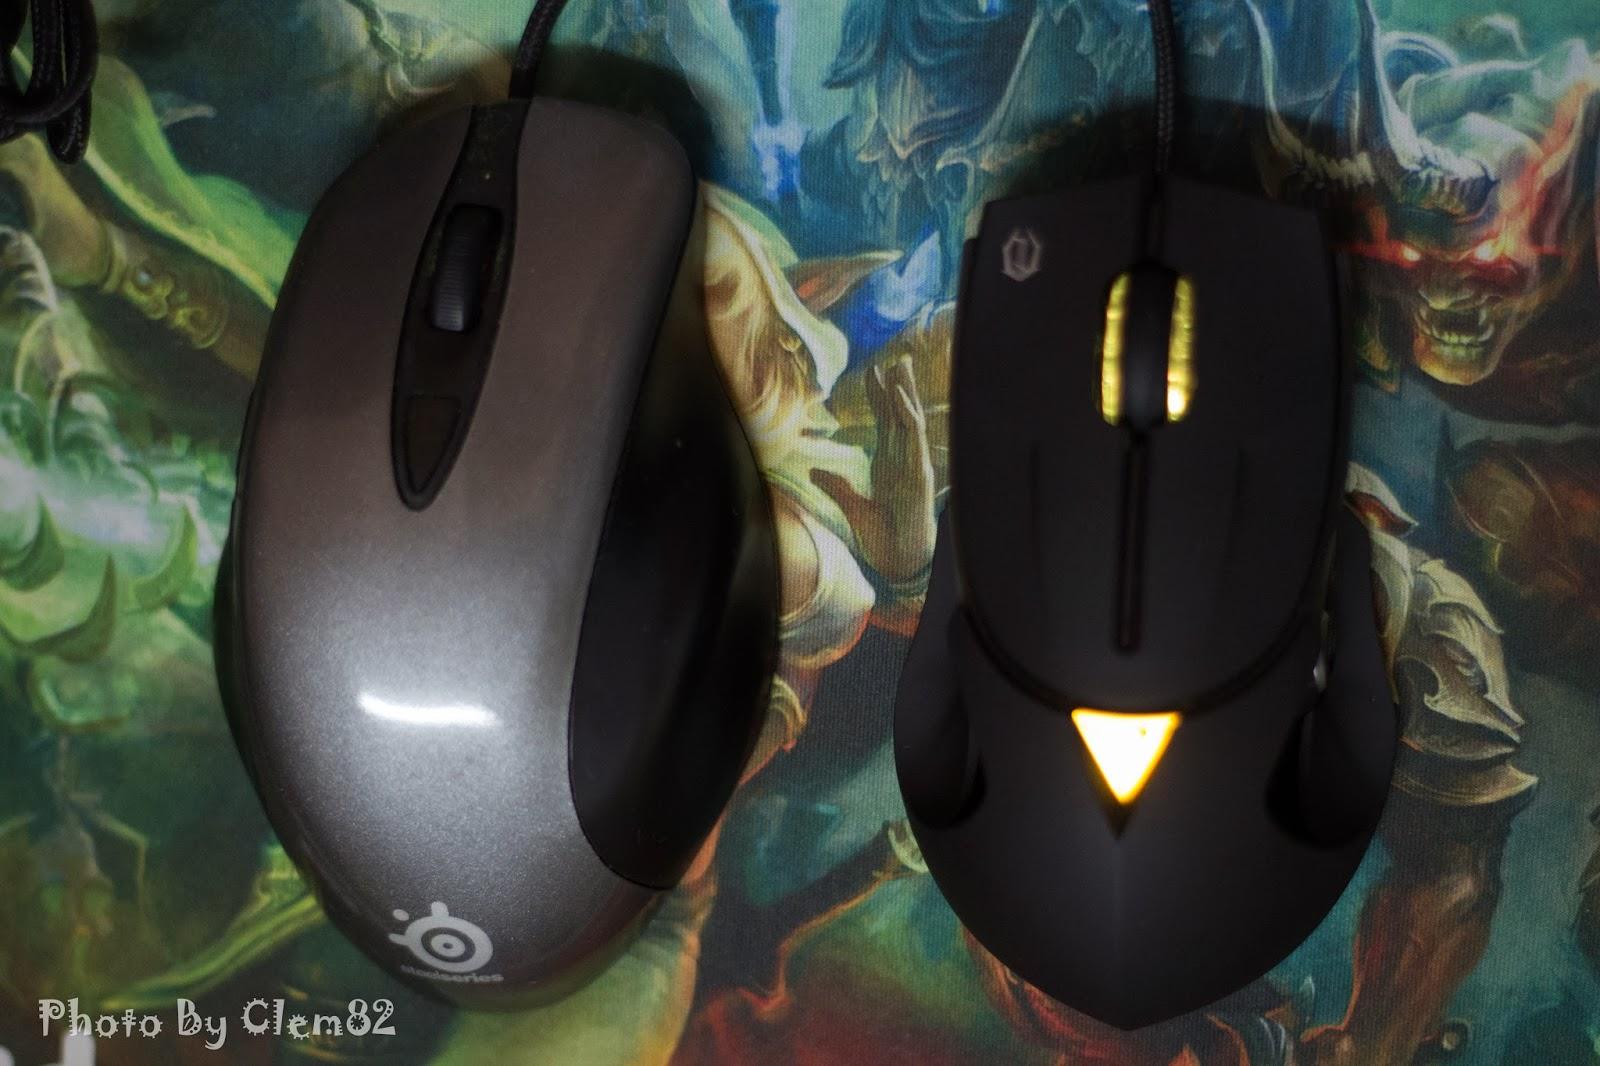 Gamdias Apollo Extension Optical Gaming Mouse 66